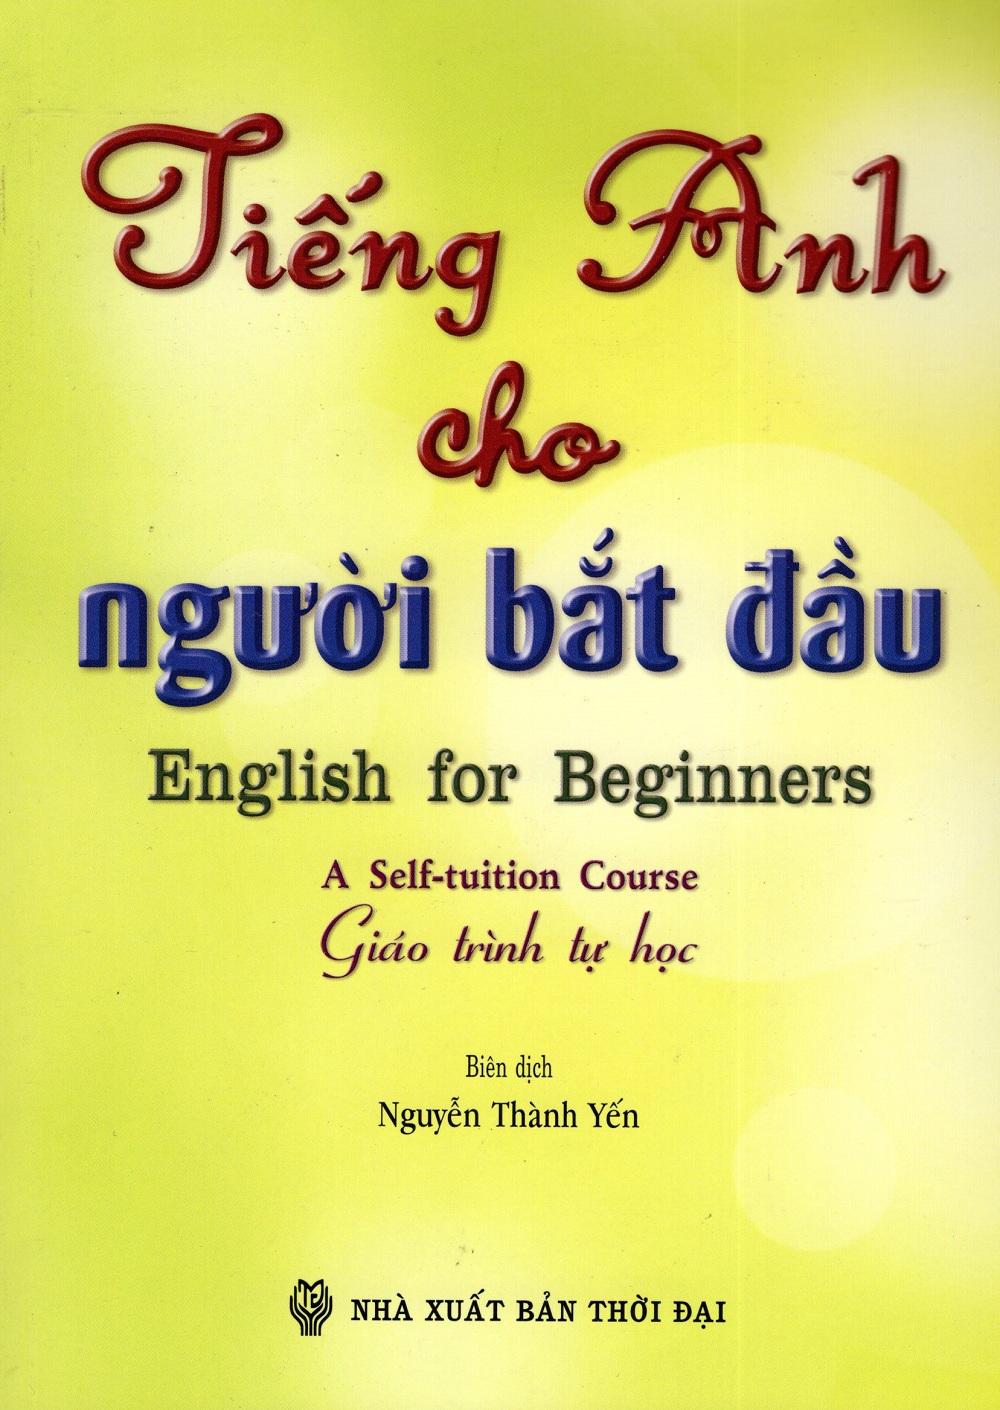 Tiếng Anh Cho Người Bắt Đầu (Giáo Trình Tự Học) - Kèm CD